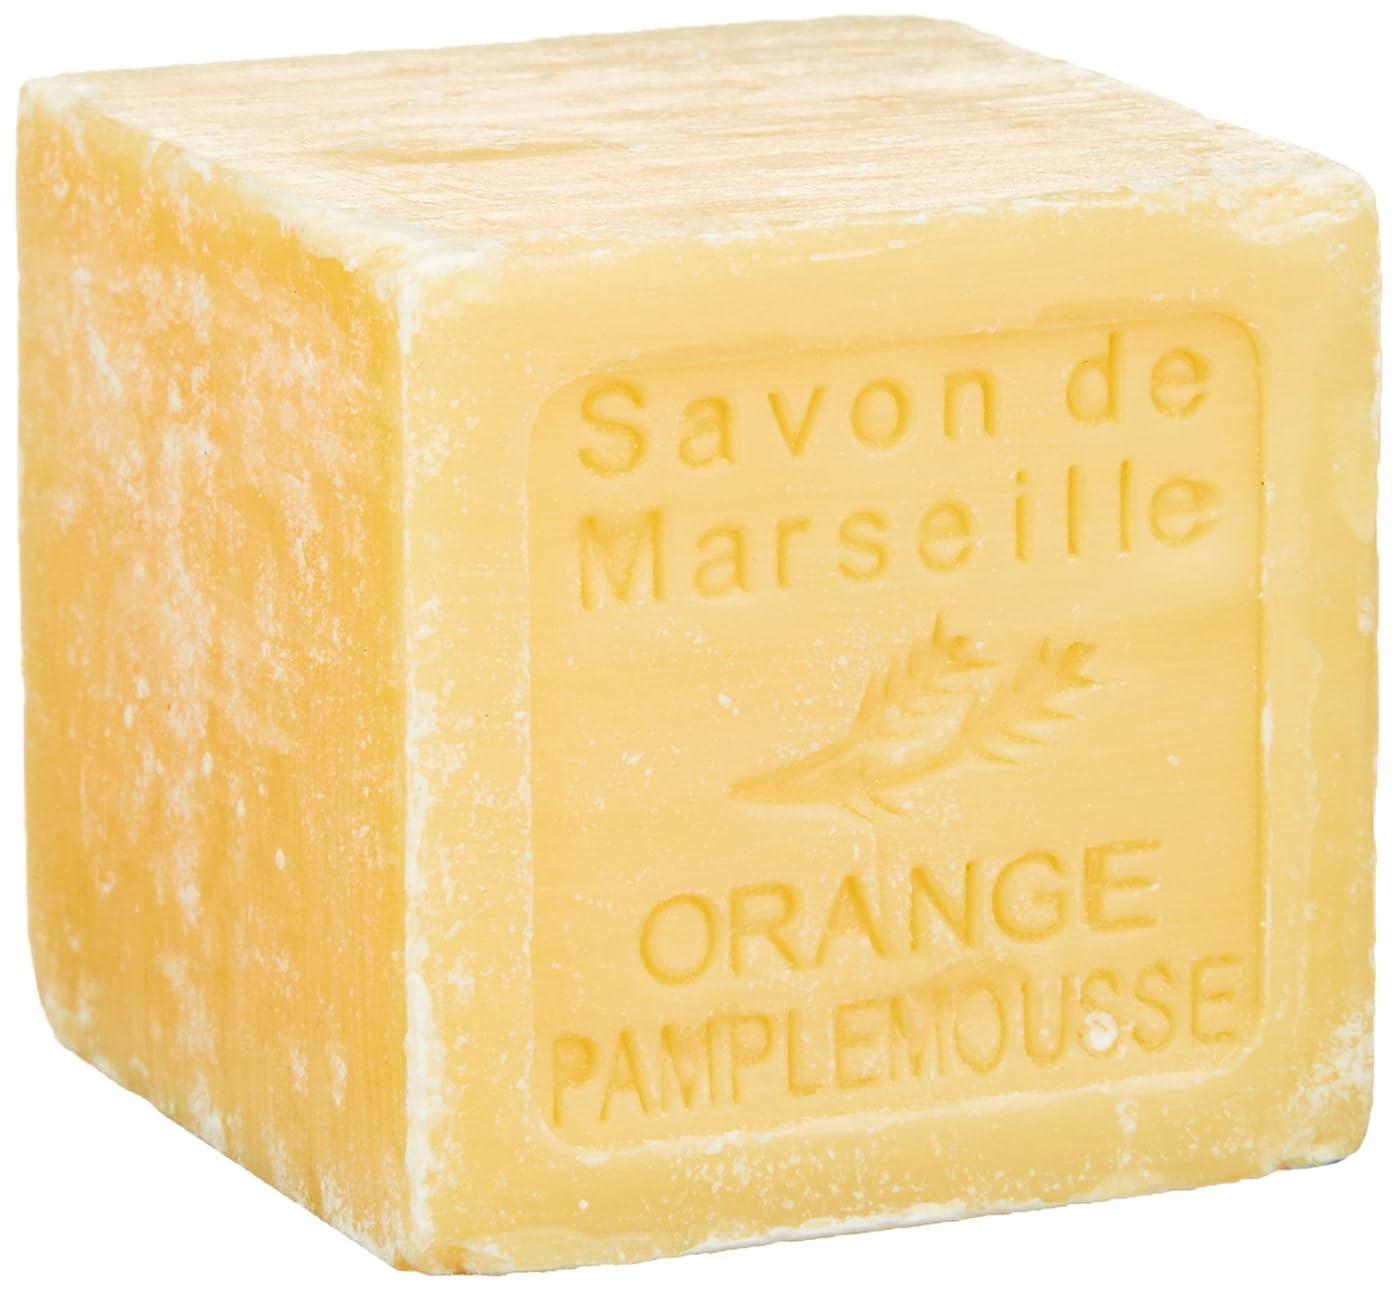 羊の持参フレアル?シャトゥラール キューブソープ 100g オレンジグレープフルーツ CUBE100